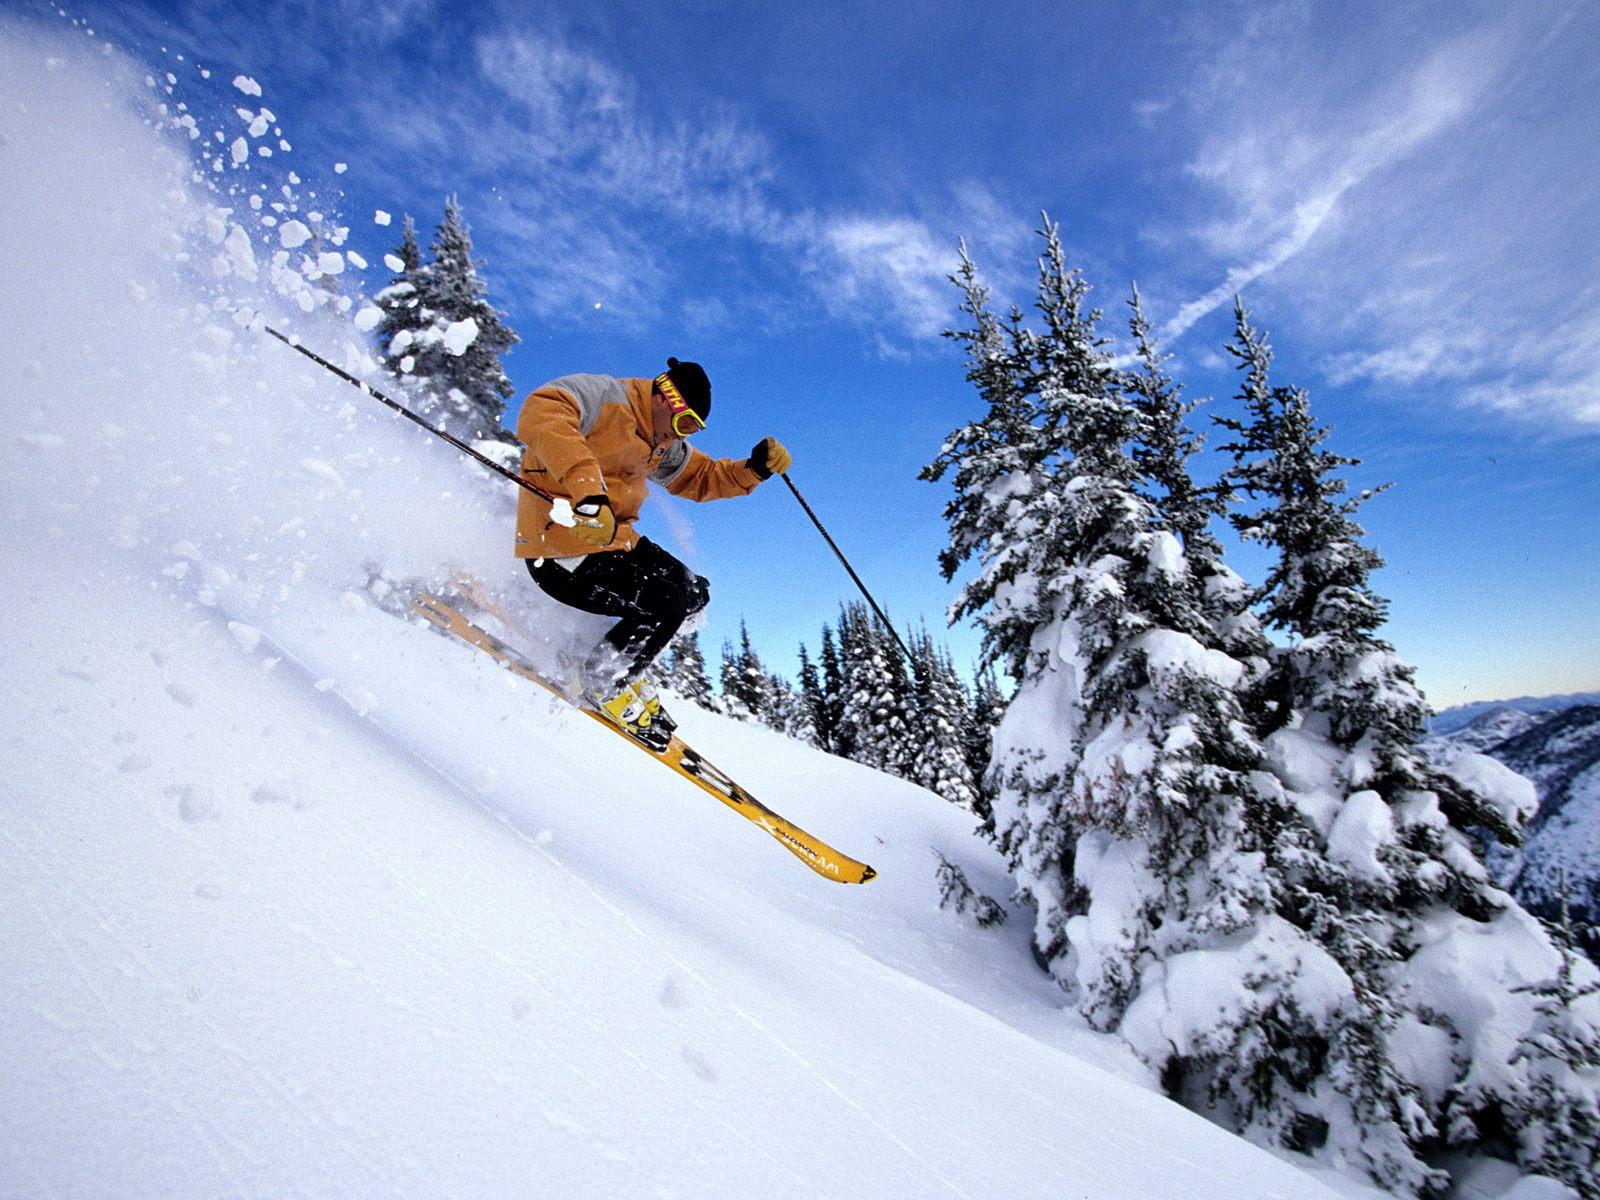 несколько горнолыжный спорт фото фабрика